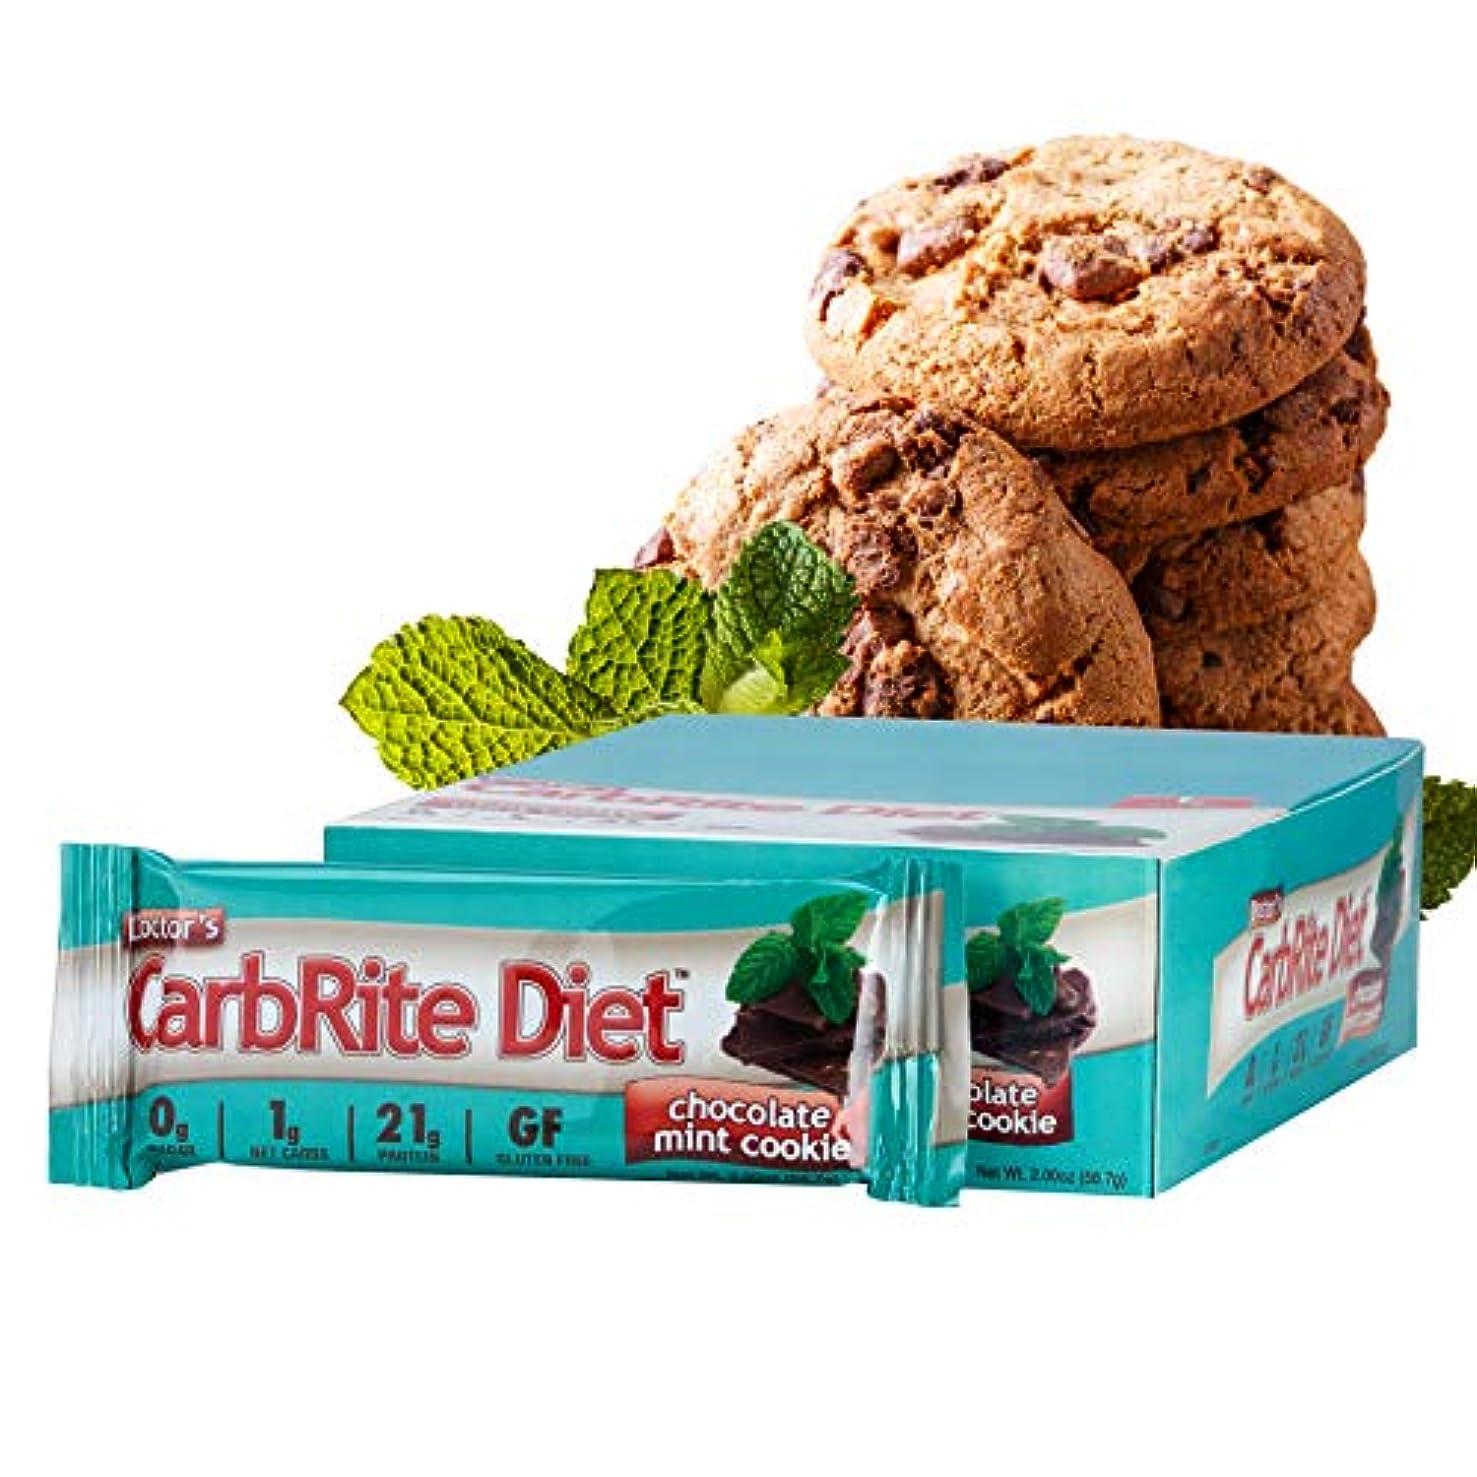 薄暗い舞い上がるポテトドクターズダイエット?カーボライト?バー?チョコレートミントクッキー 12本